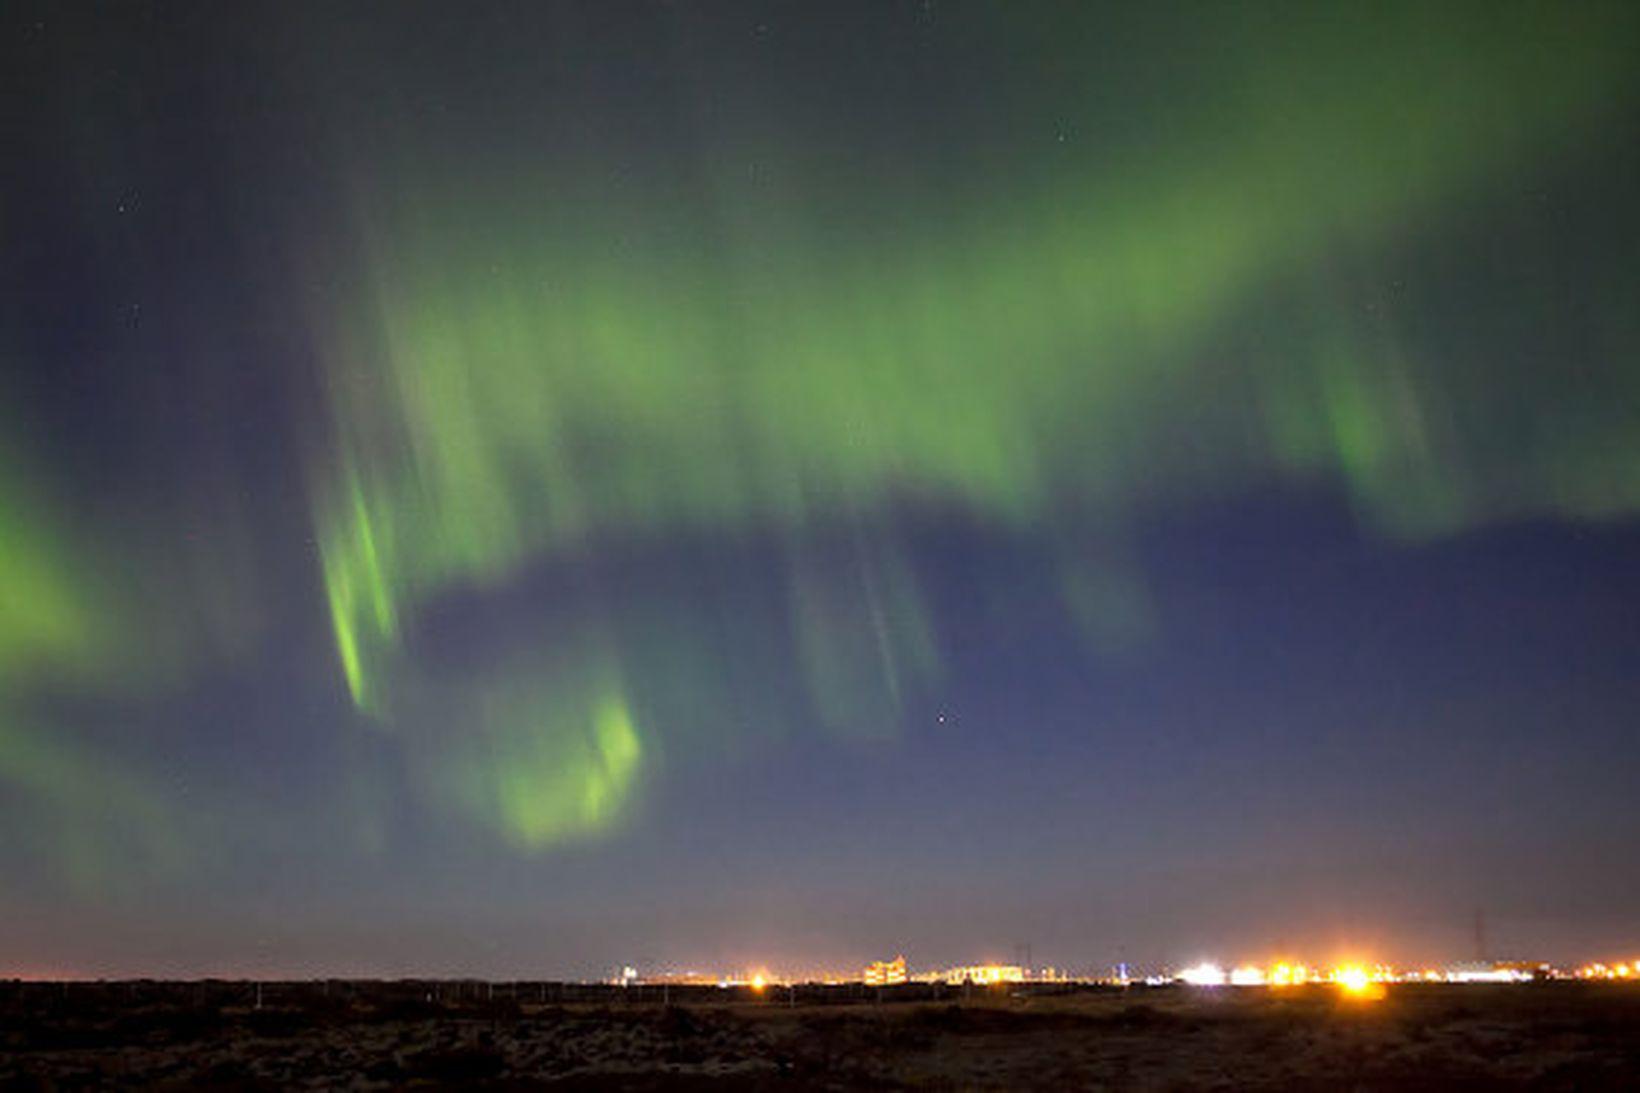 Fegurð norðurljósanna laðar að ferðamenn.